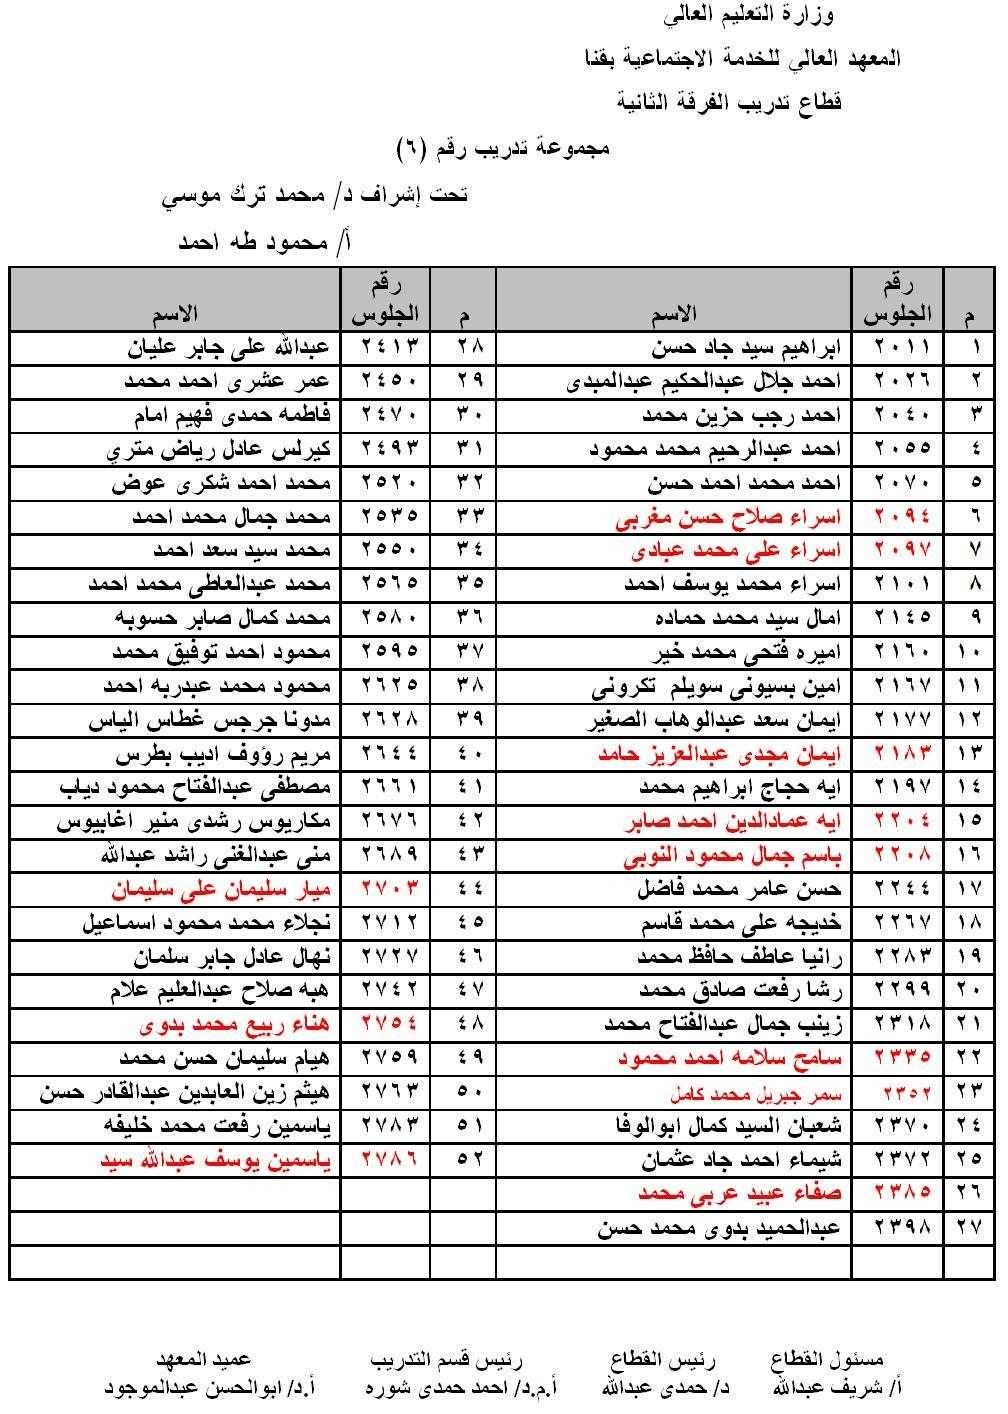 توزيع مجموعات تدريب الفرقة الثانية 2014 - 2015 611